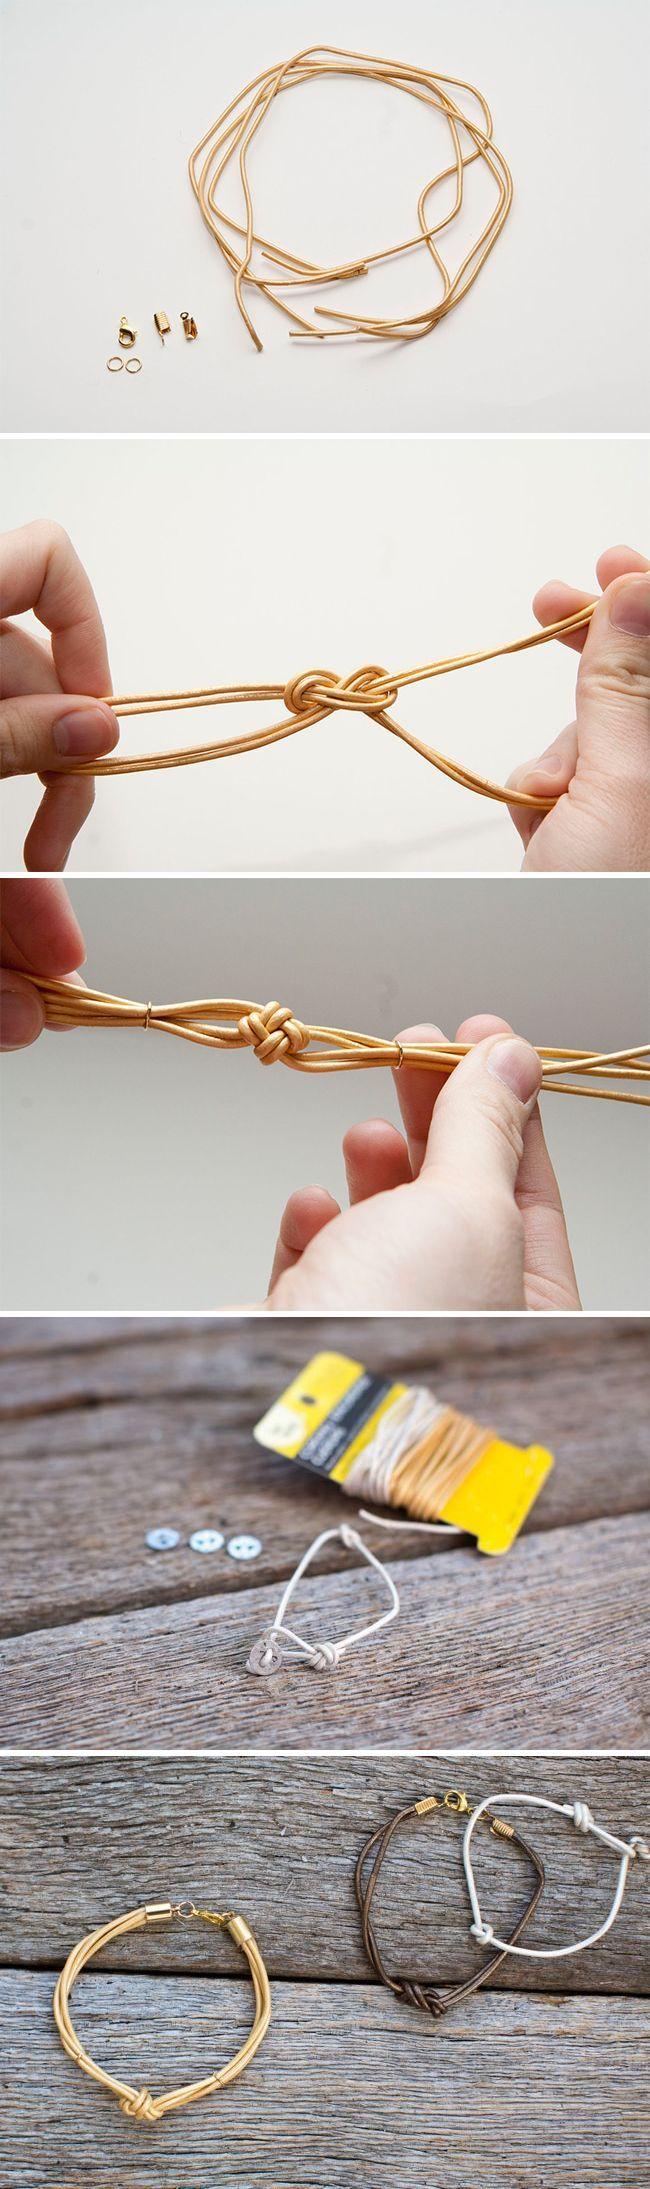 DIY: knotted leather bracelets